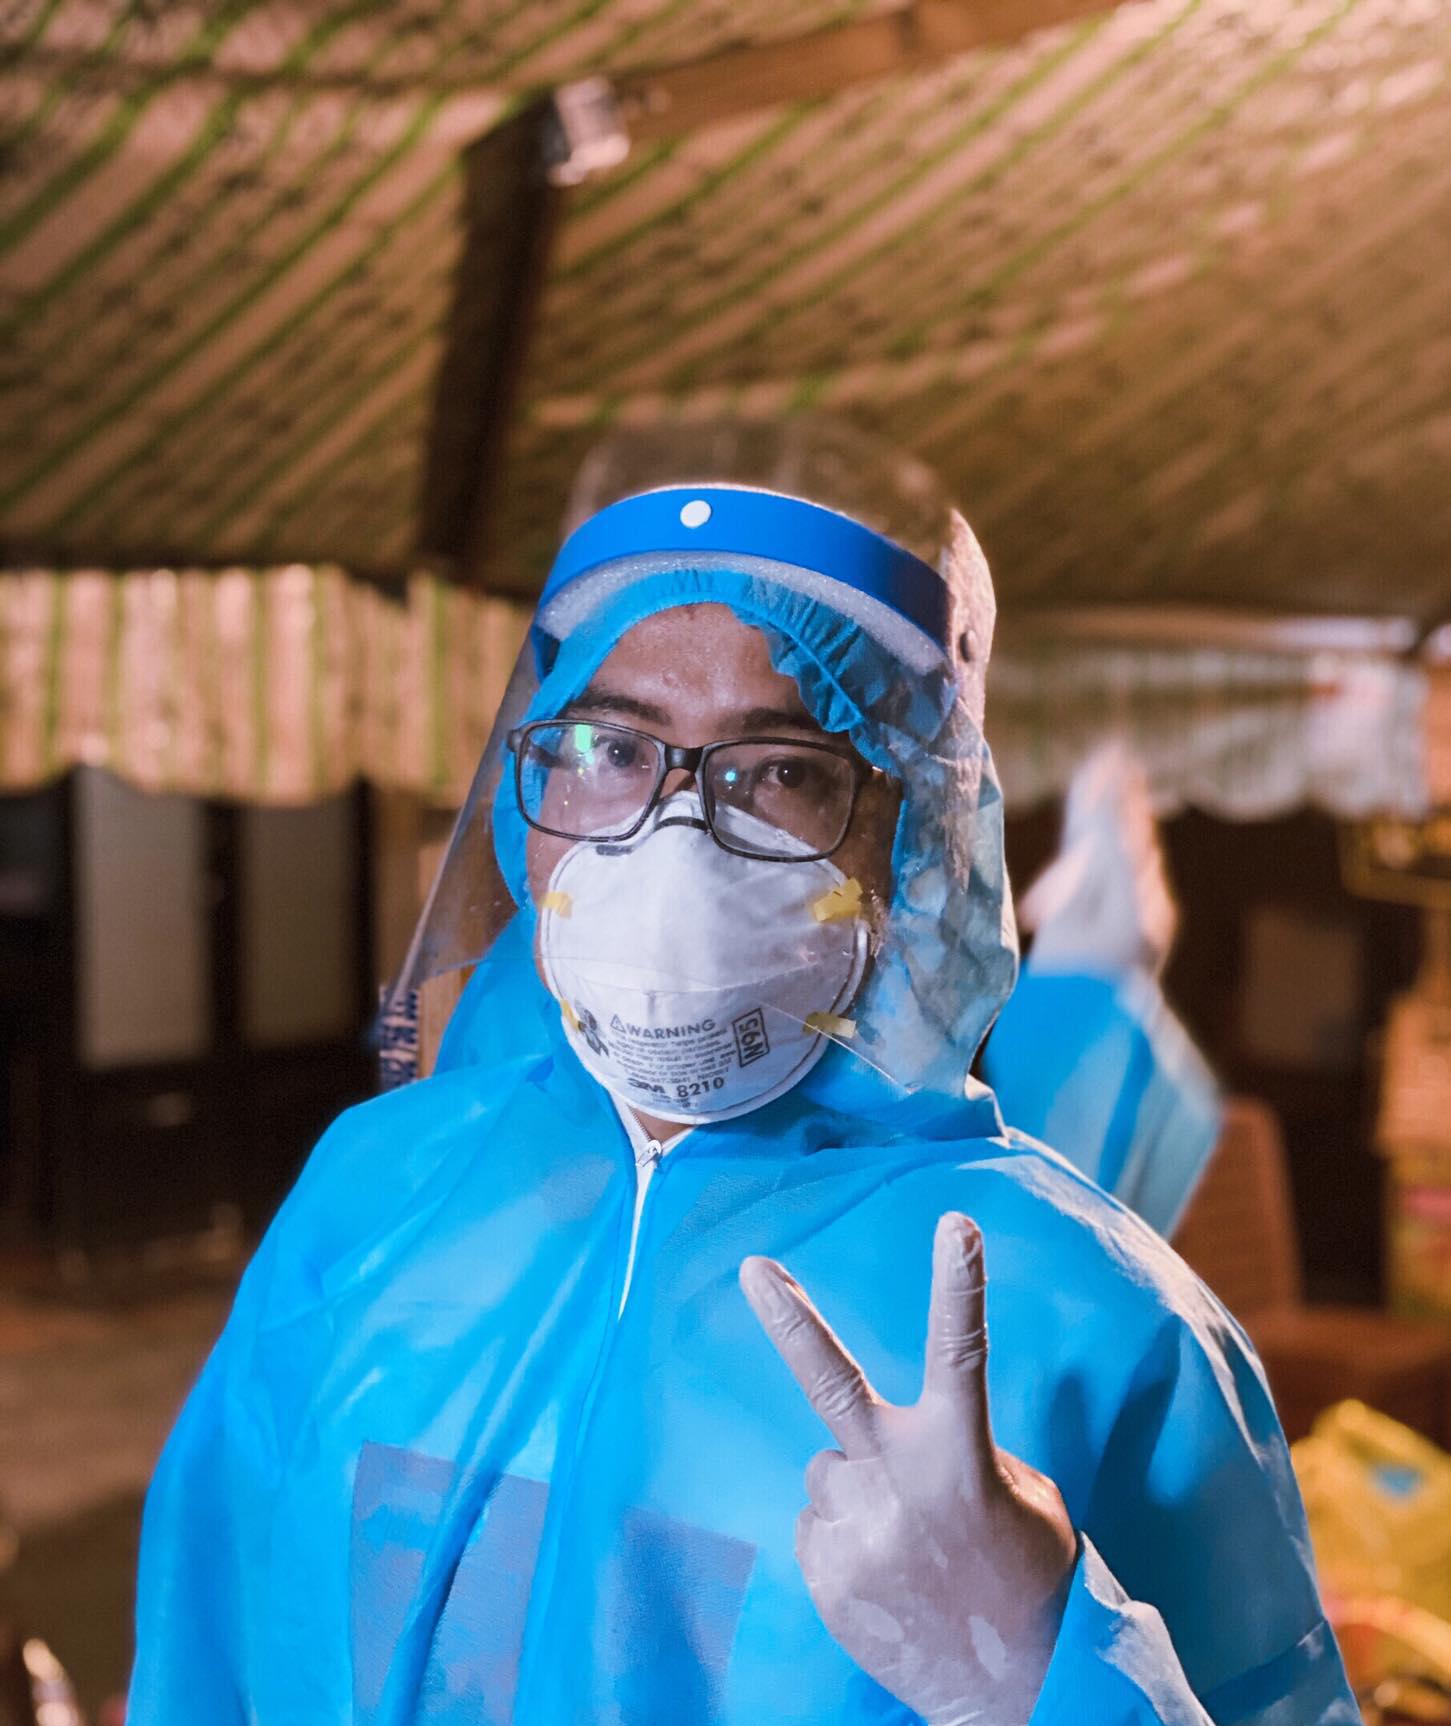 Đạo diễn Trần Minh Tuấn tham gia làm tình nguyện viên chống dịch